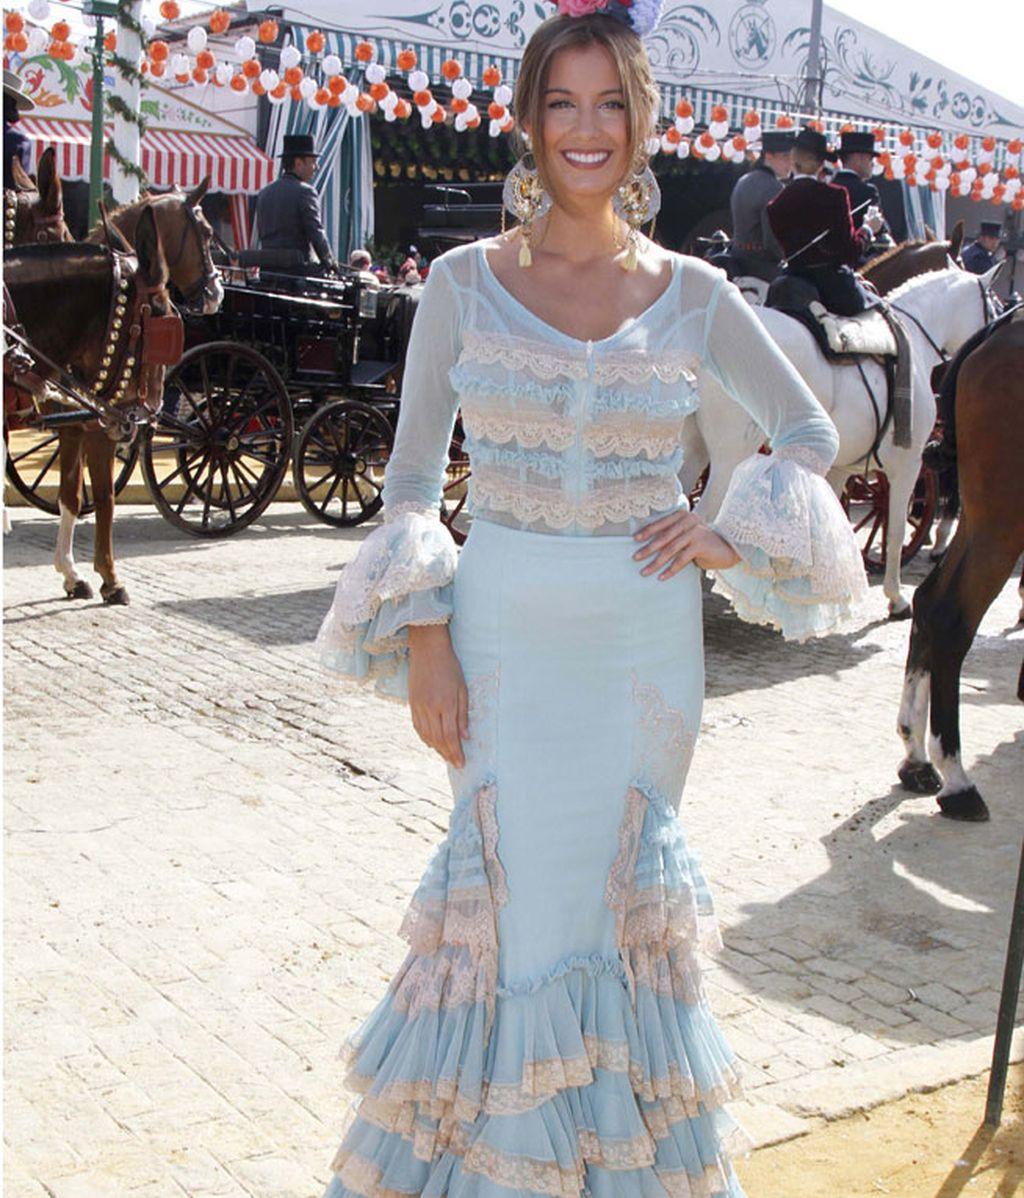 La Miss España, Desiré Cordero, escogió vestido azul pastel con volantes y encaje